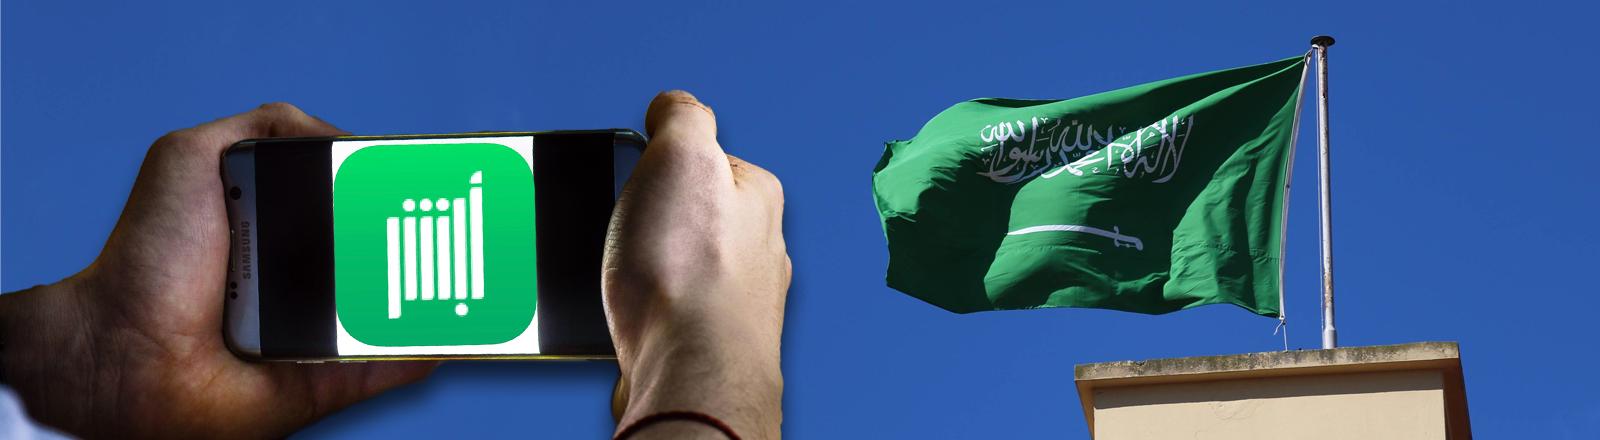 Die App Abasher auf einem Smartphone, das von Händen gehalten wird, dahinter die Saudi-Arabische Flagge auf einem Botschaftsgebäude. Bildcollage